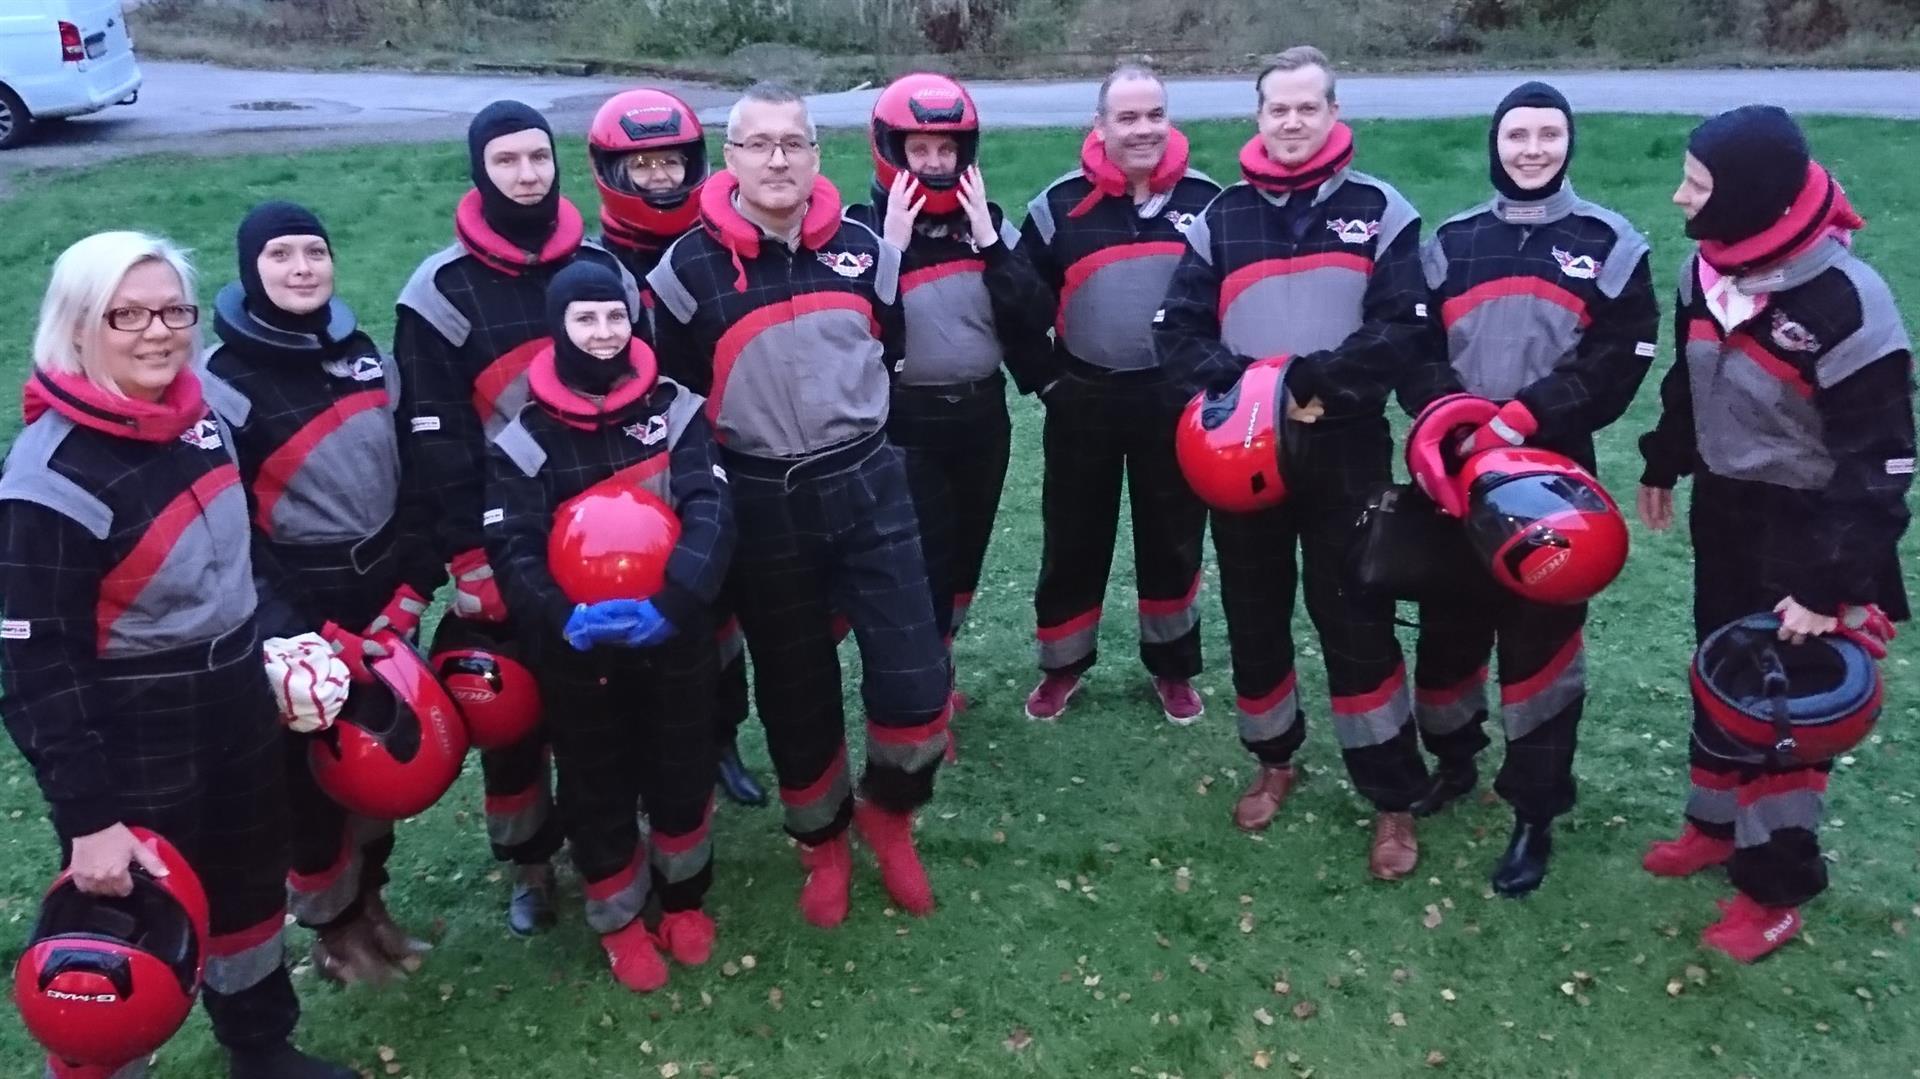 Team Redovingsingsbyrån Tranan